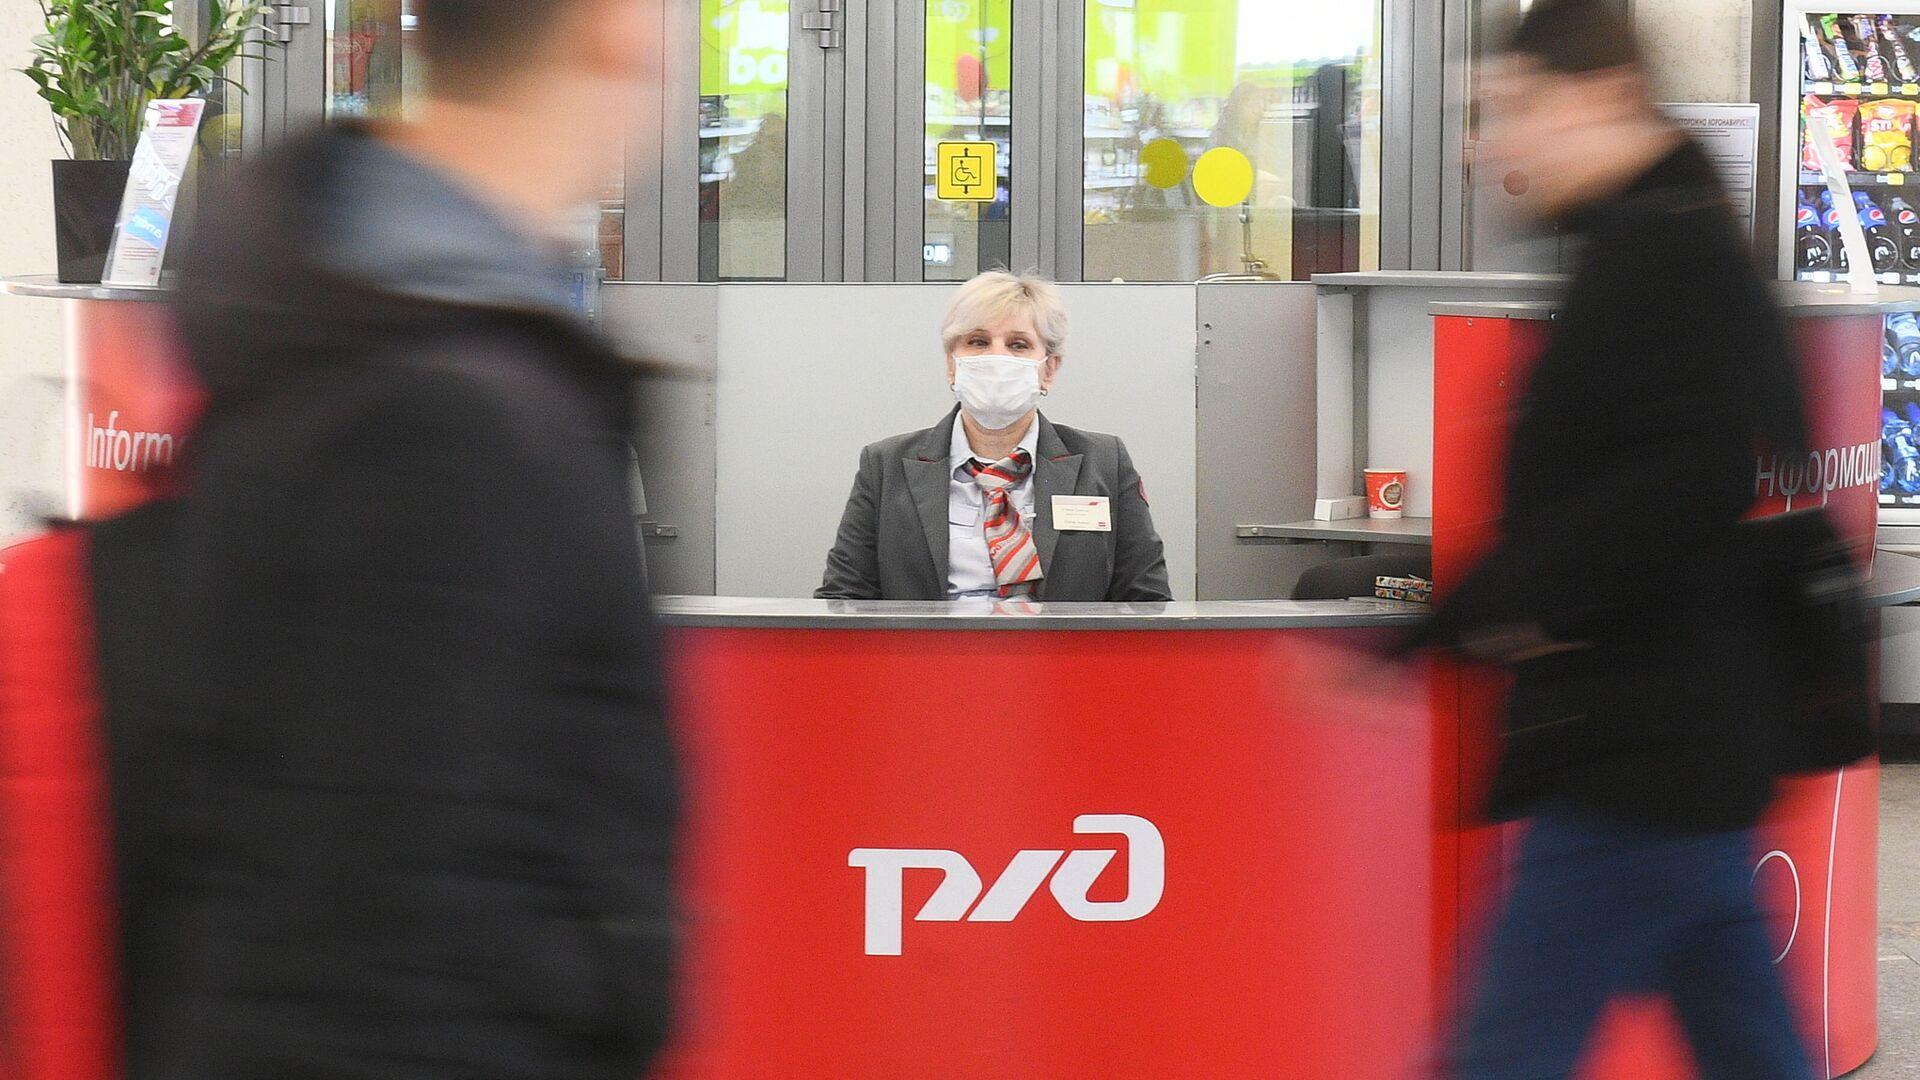 Una donna in mascherina alla Stazione Kazansky a Mosca - Sputnik Italia, 1920, 31.05.2021